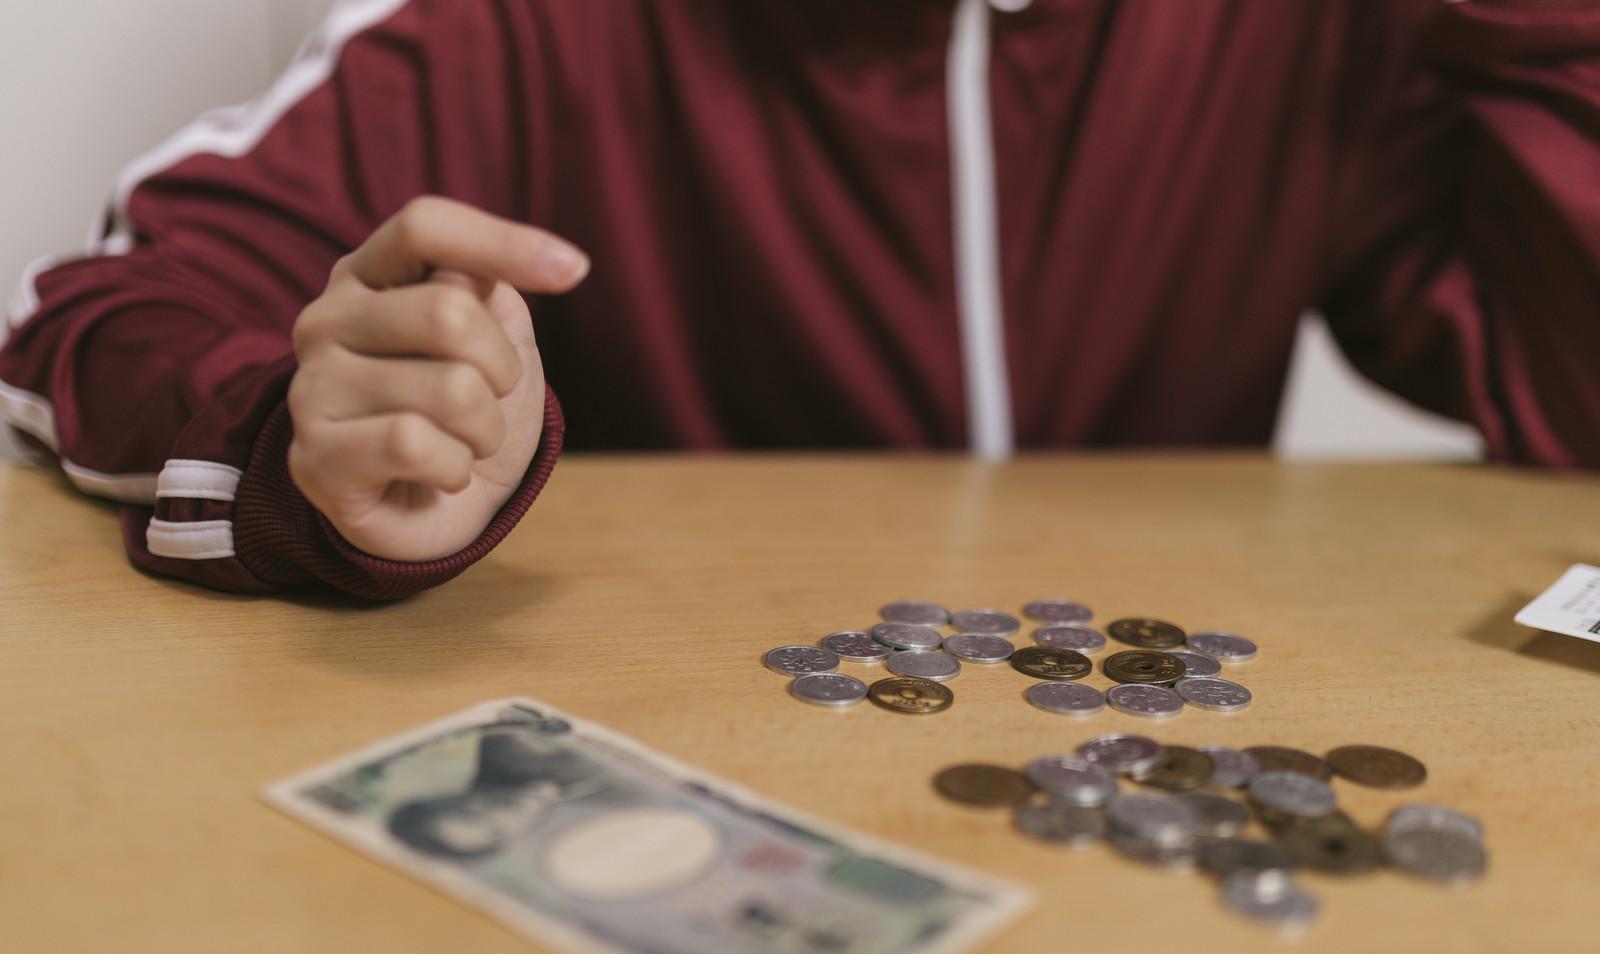 金欠ピンチ!!無職が即日でお金を借りれる7つの消費者金融や街金!!